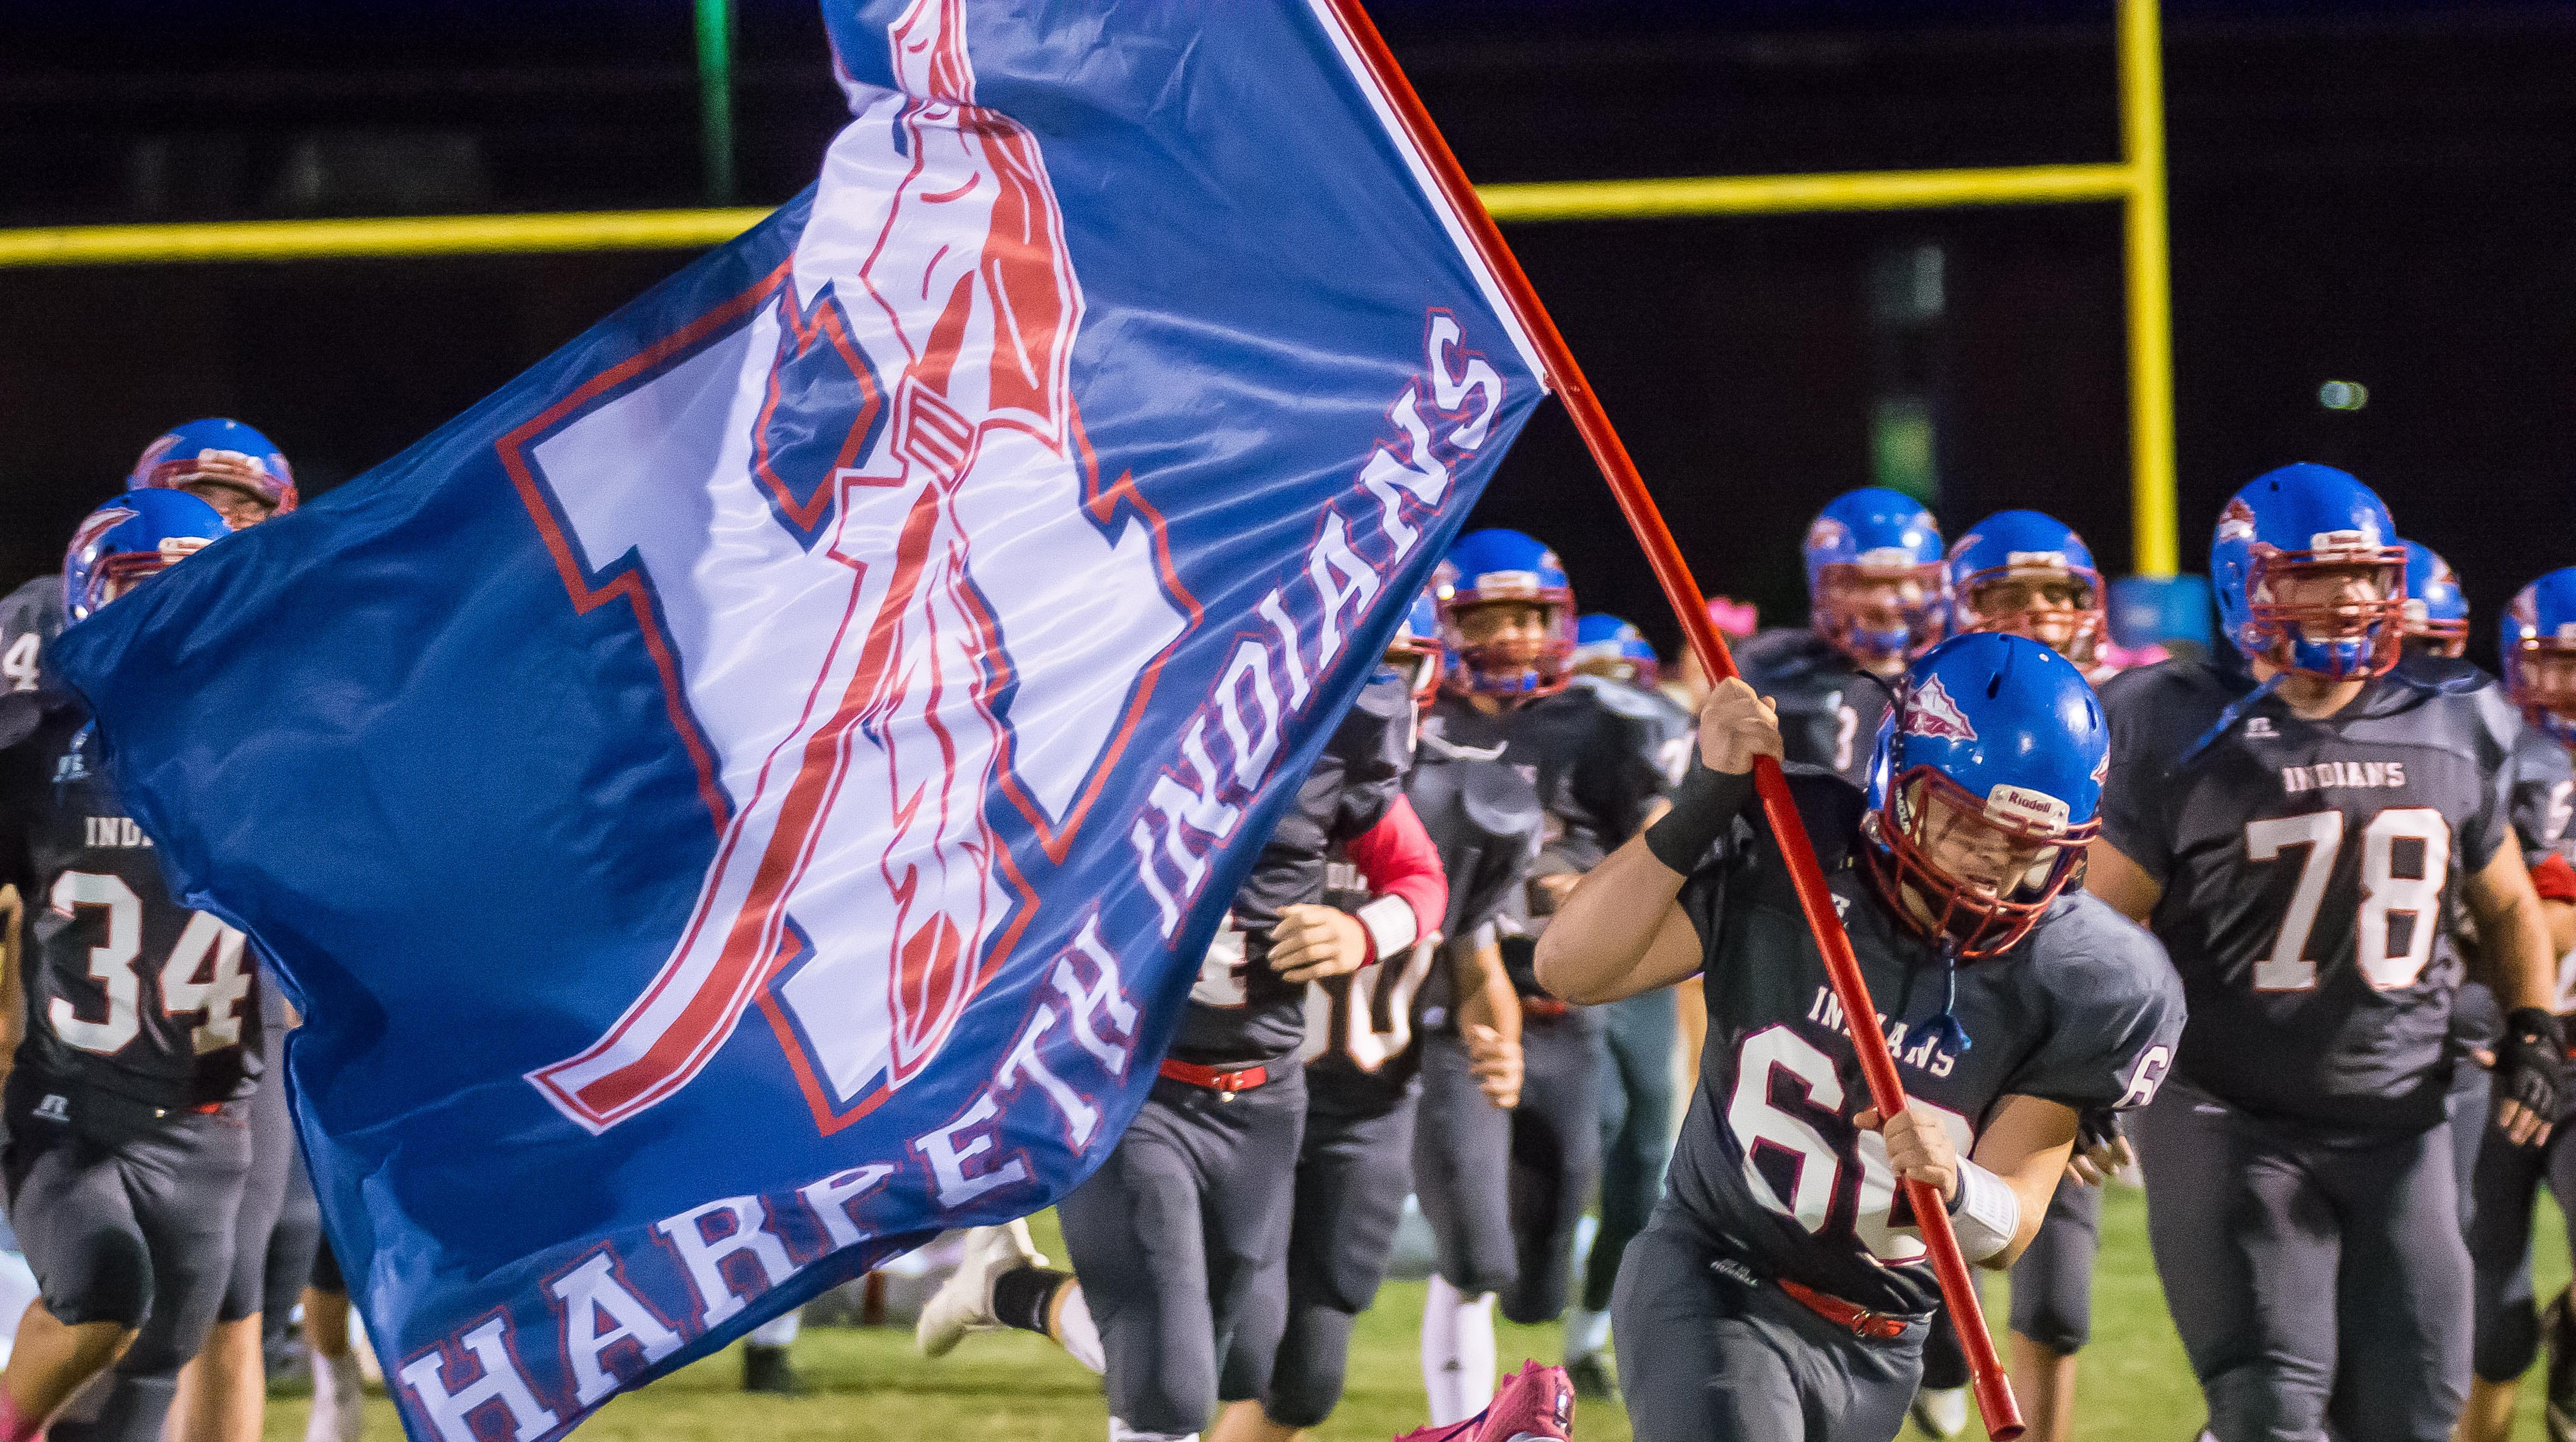 Harpeth's Logan Calies carries the Harpeth flag...